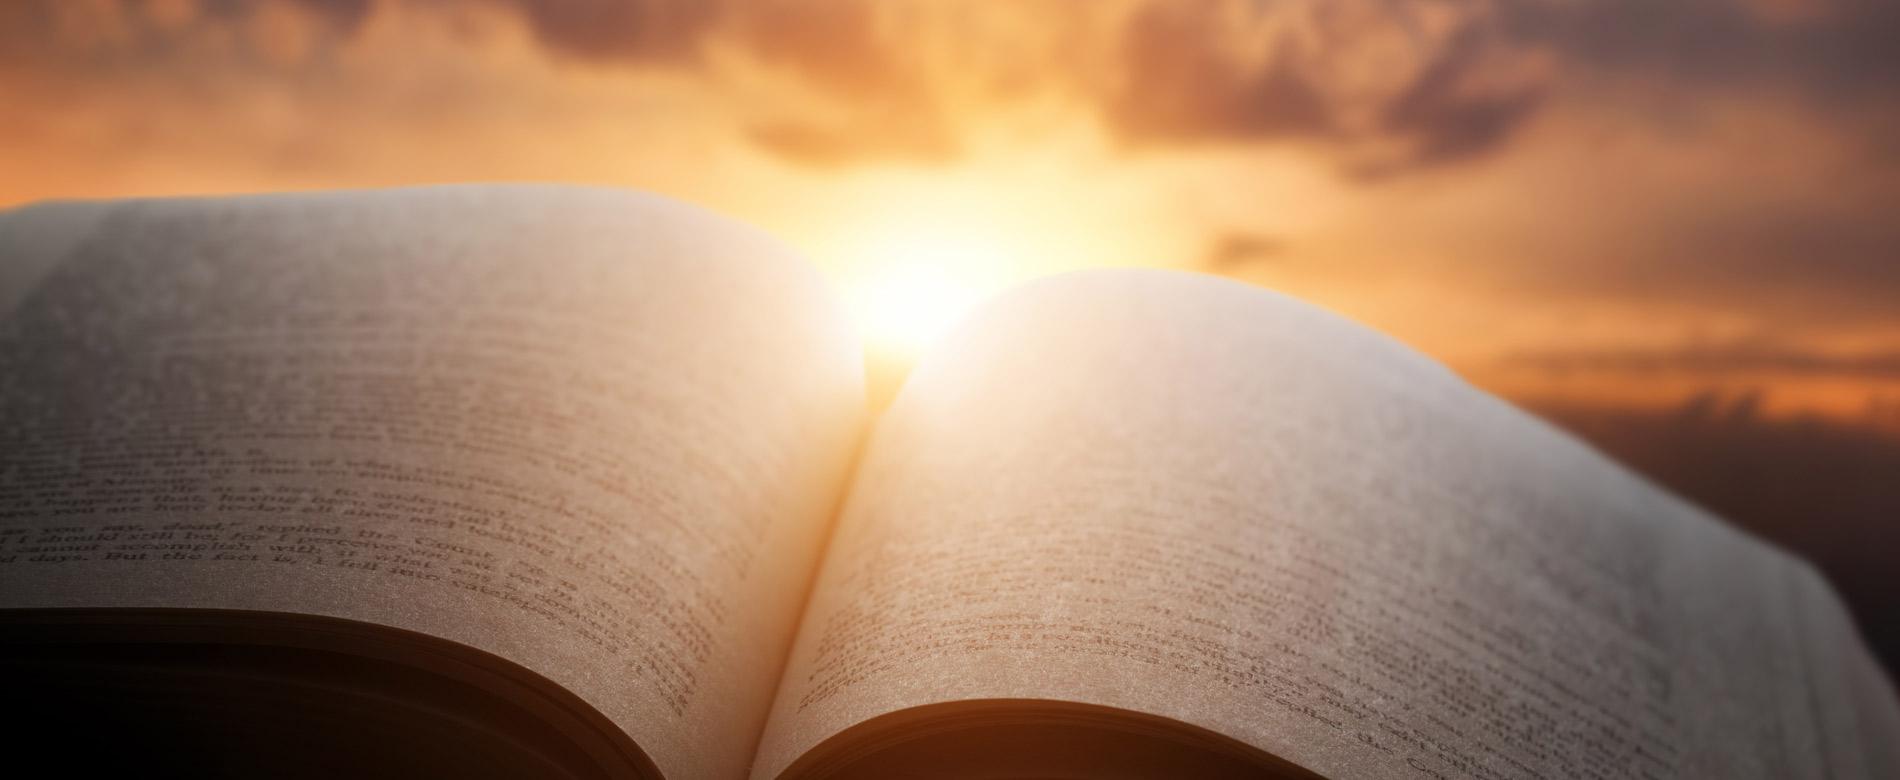 21º Dia | A quem Deus escolhe?